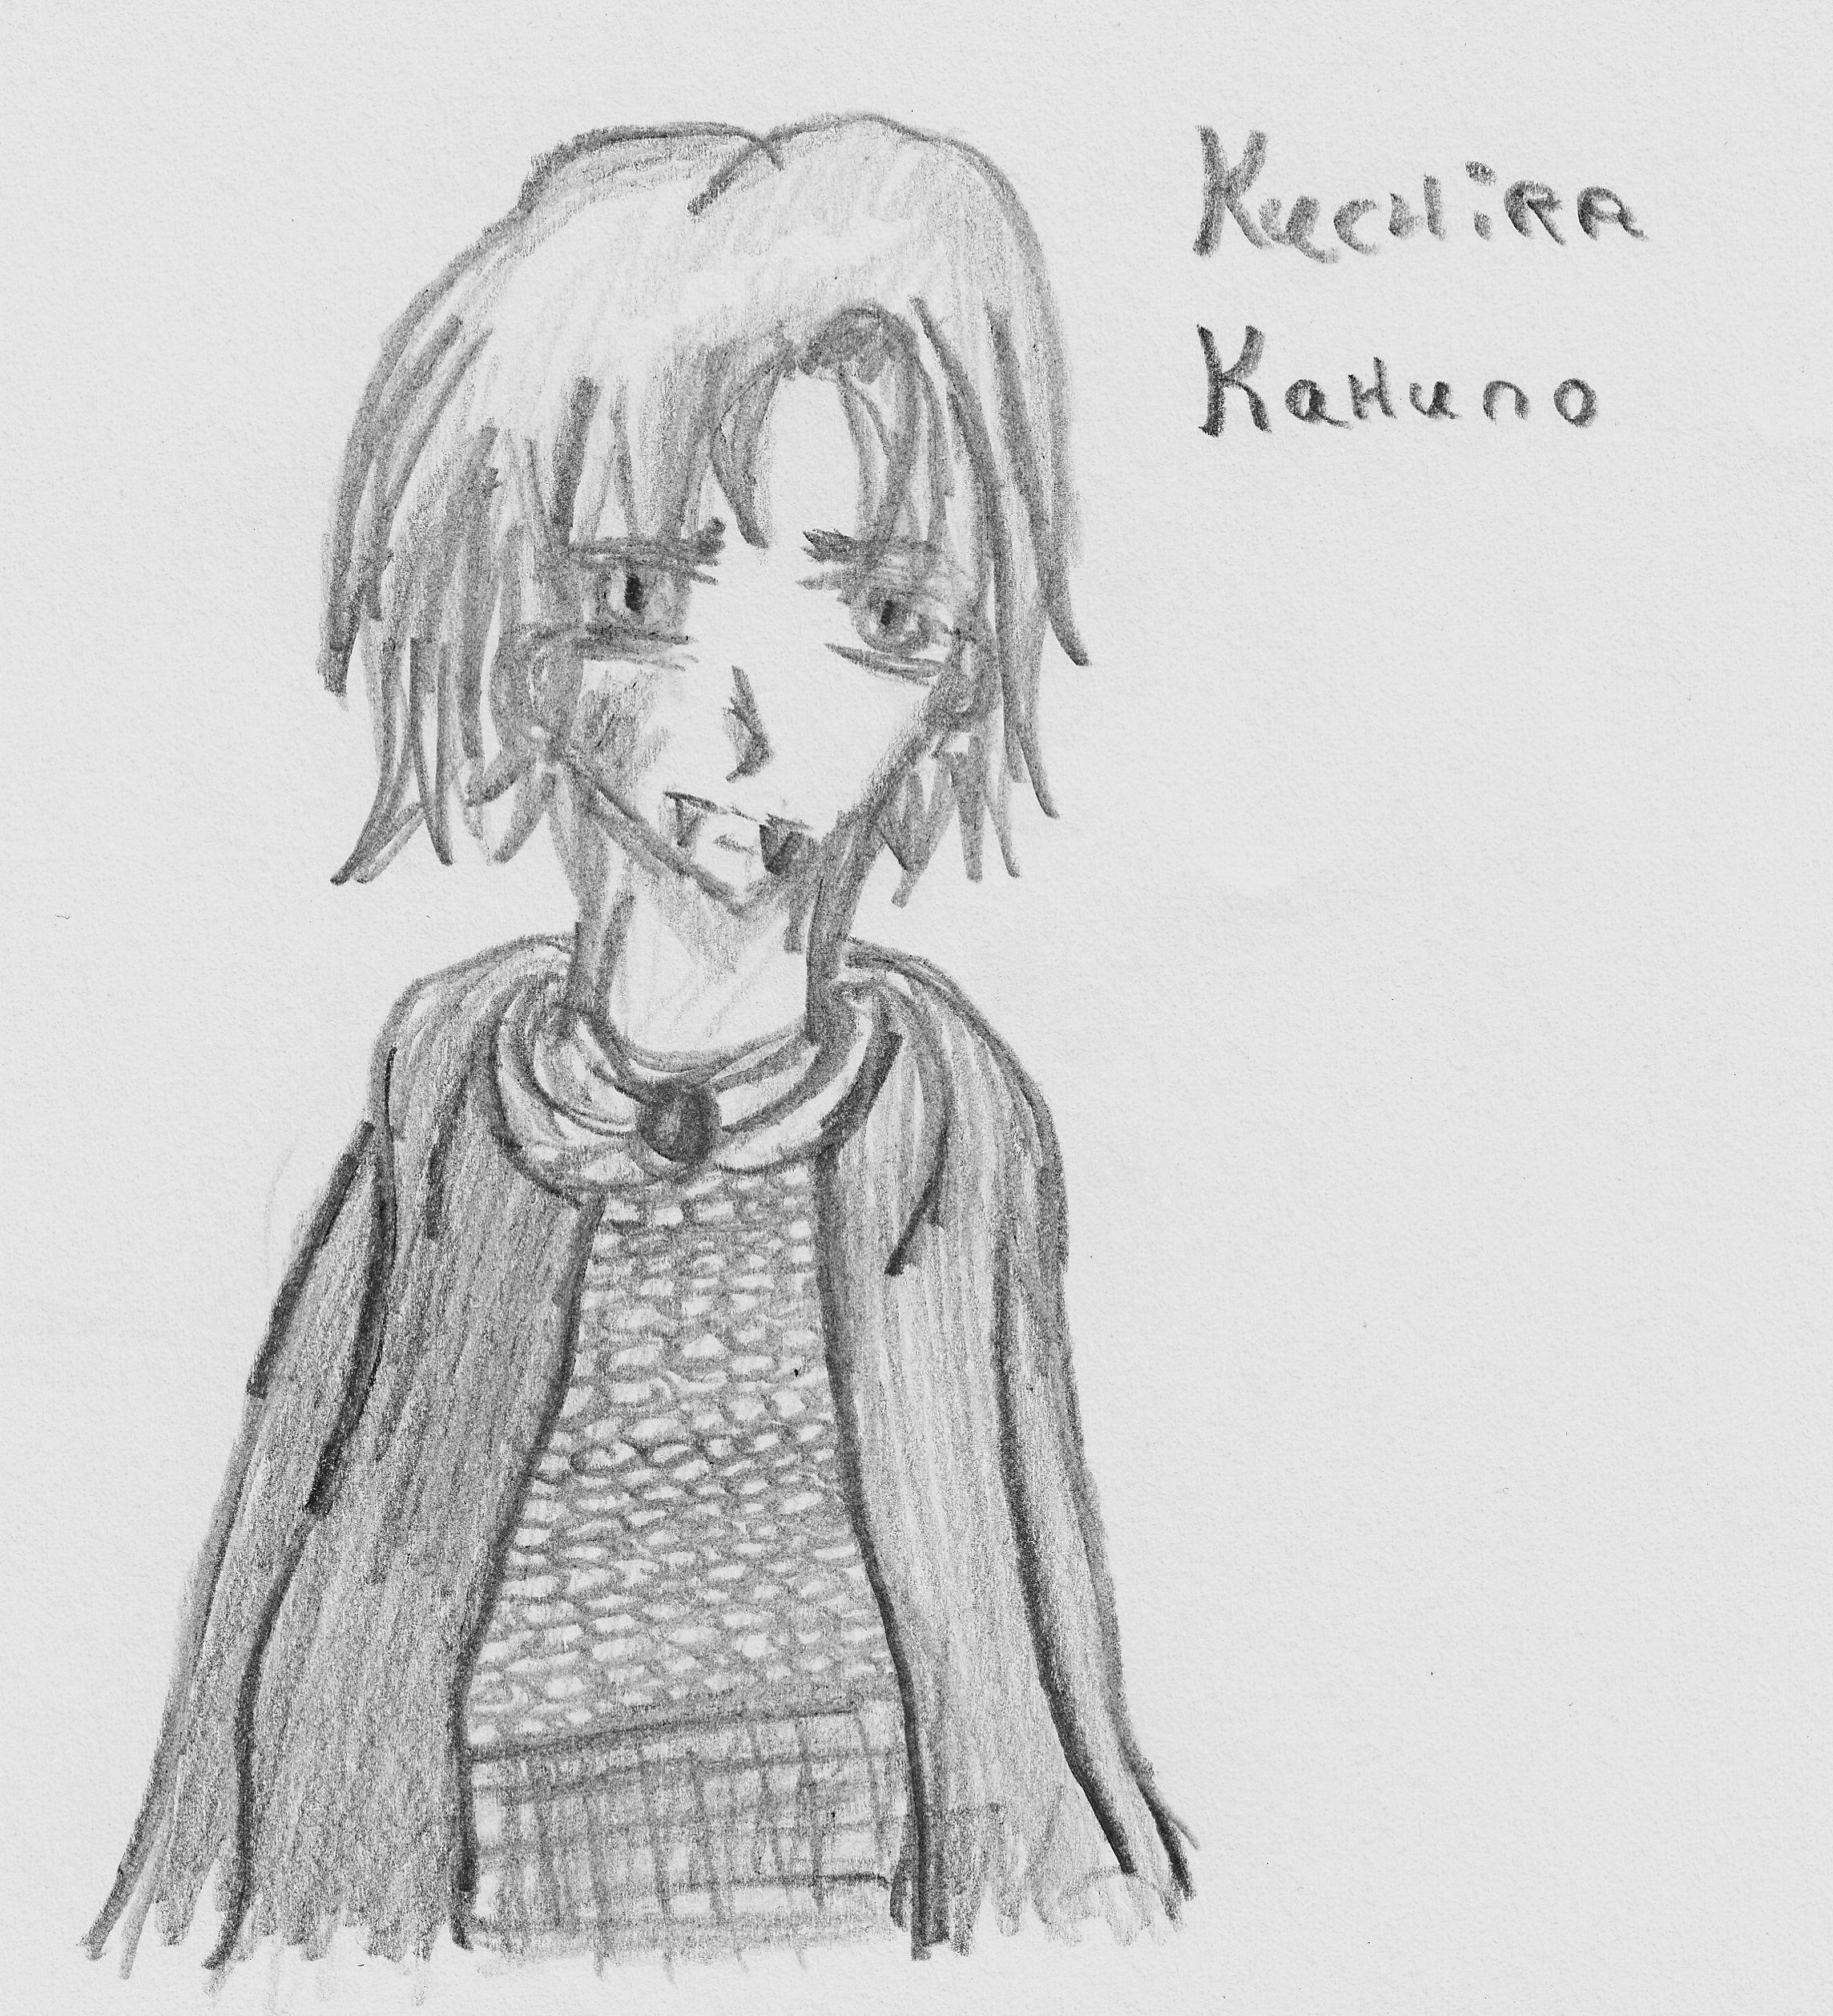 Kuchira Kahuno by Chila